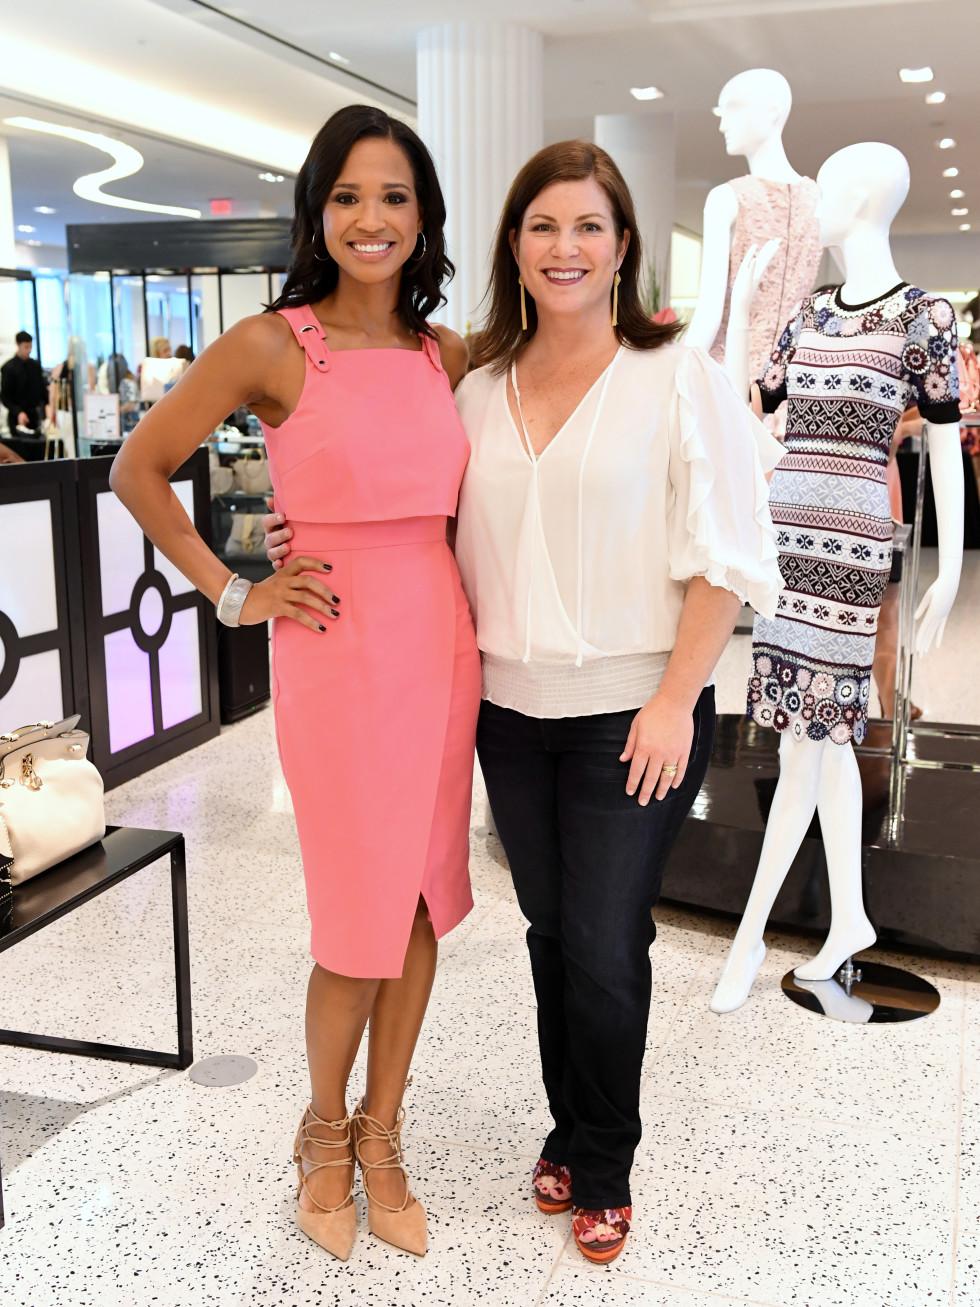 Houston, Women of Wardrobe Summer Soiree, August 2017, Mia Gradney, Lauren Levicki Courville